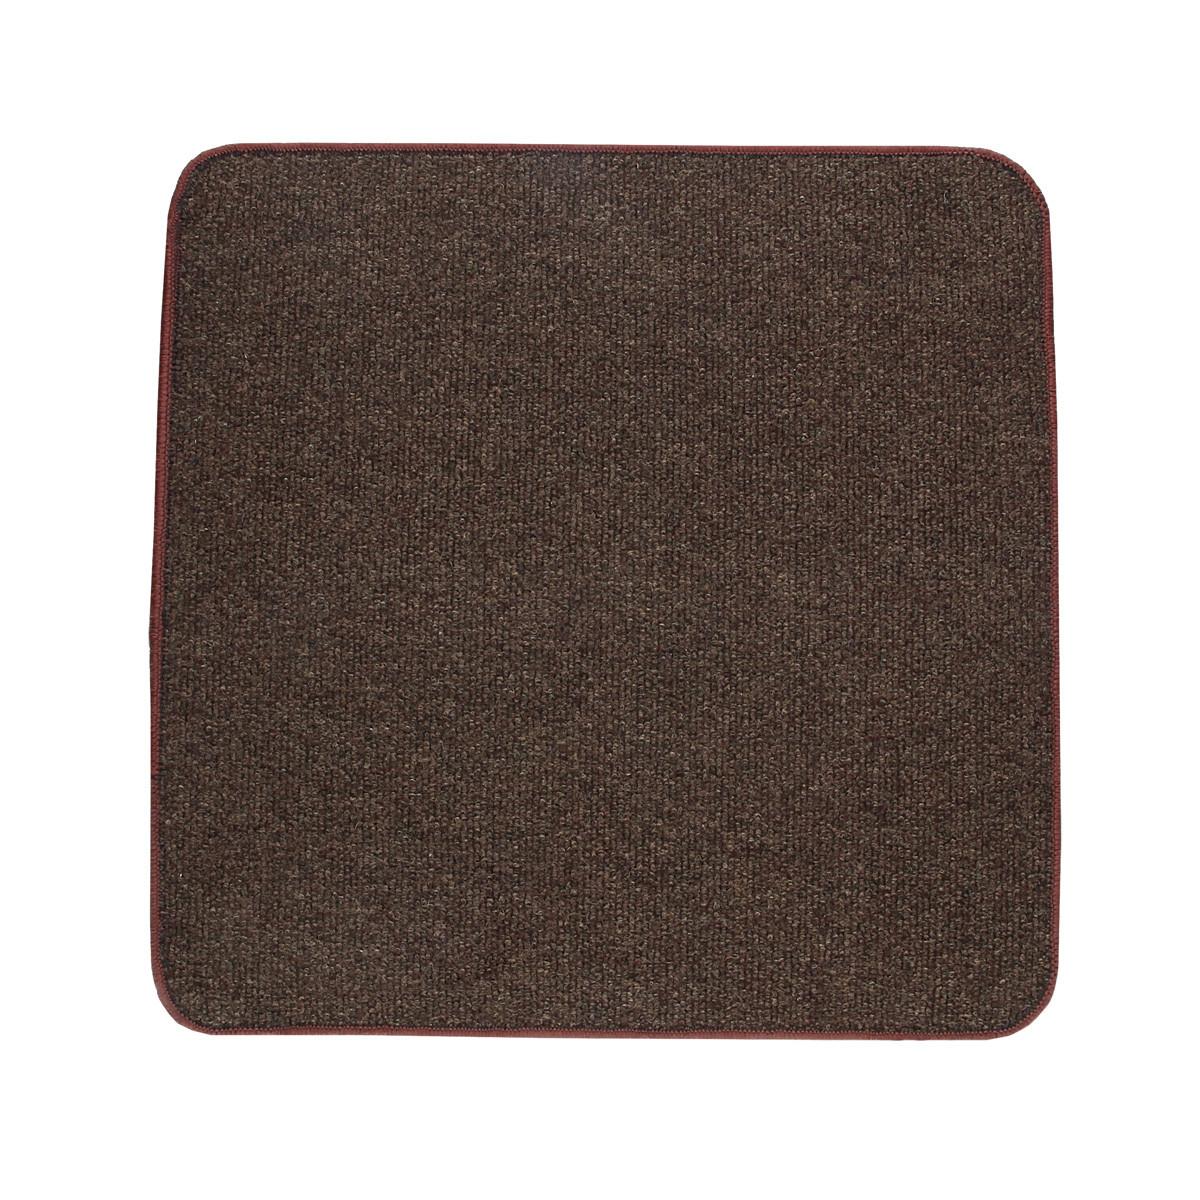 Электрический коврик с подогревом Теплик  с термо и гидроизоляцией 50 х 50 см Темно-коричневый